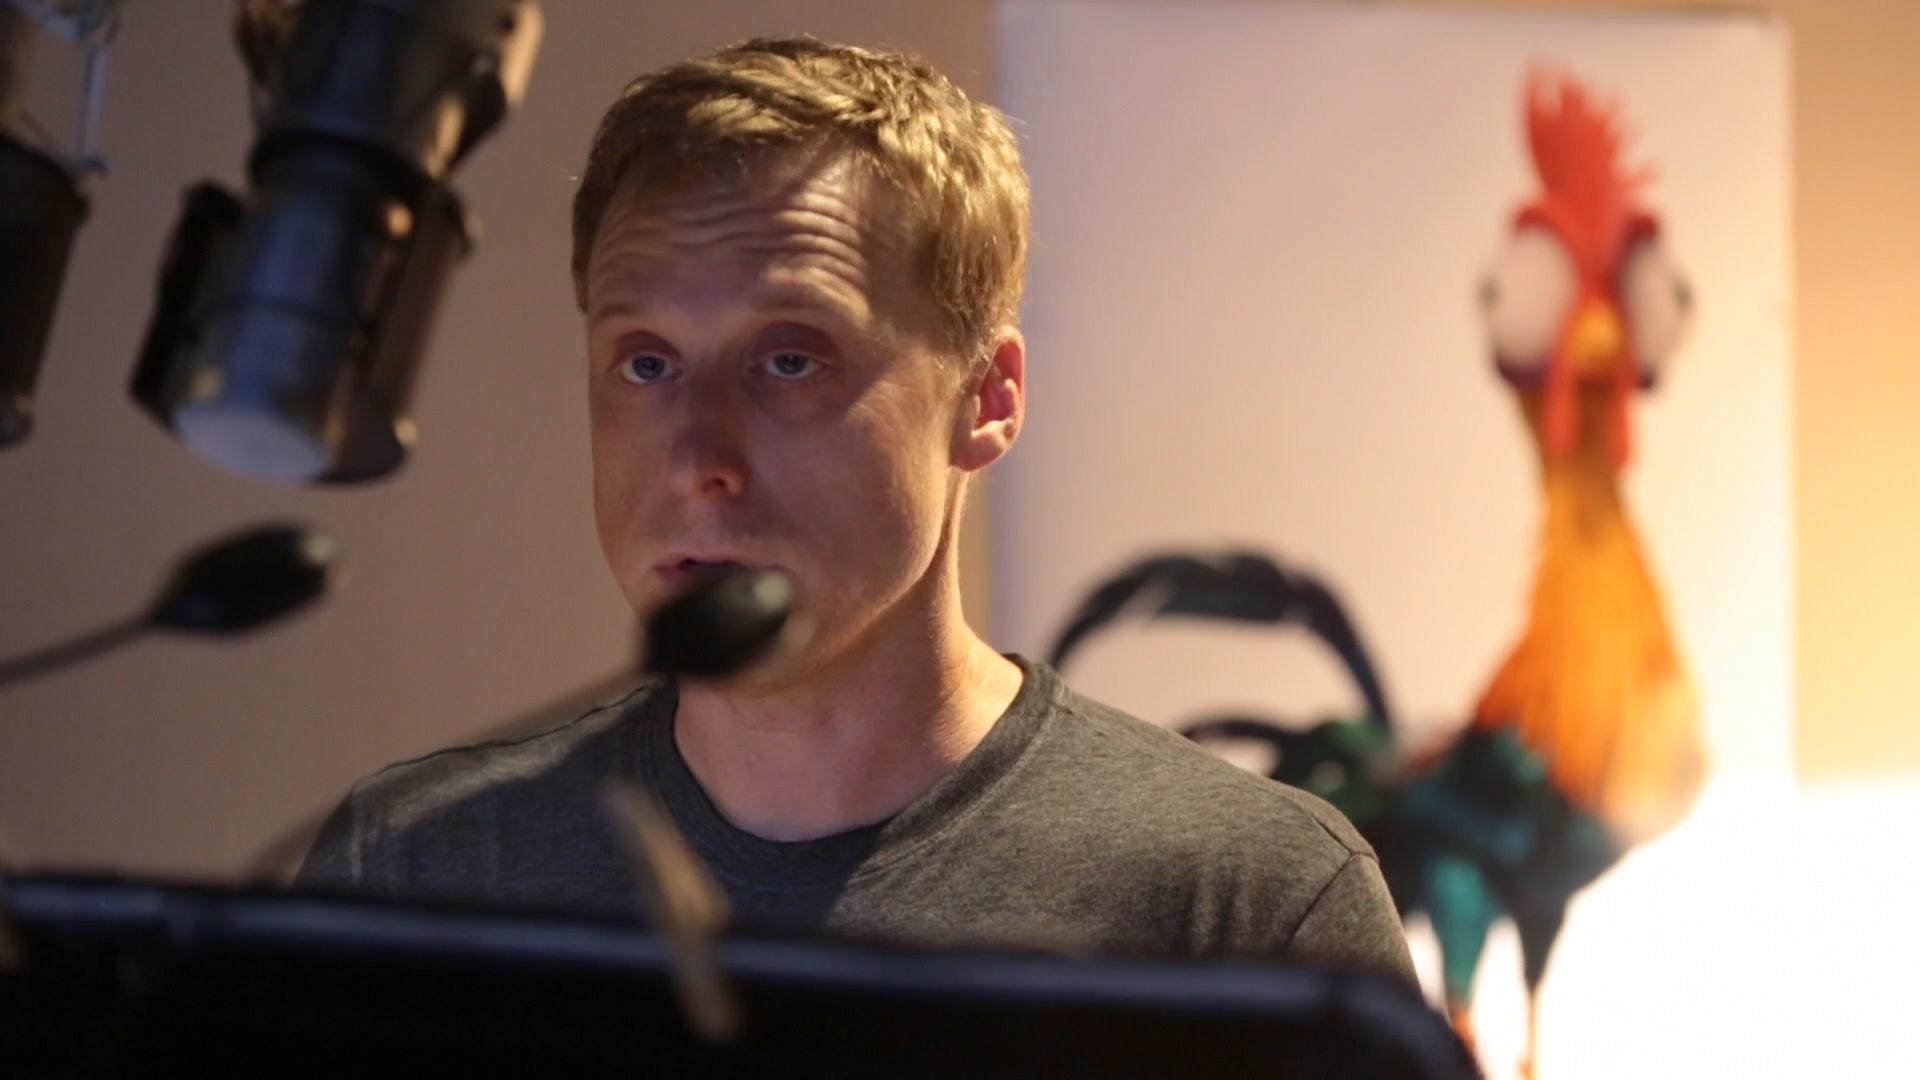 #MoanaMondays - Alan Tudyk Recording for Hei Hei